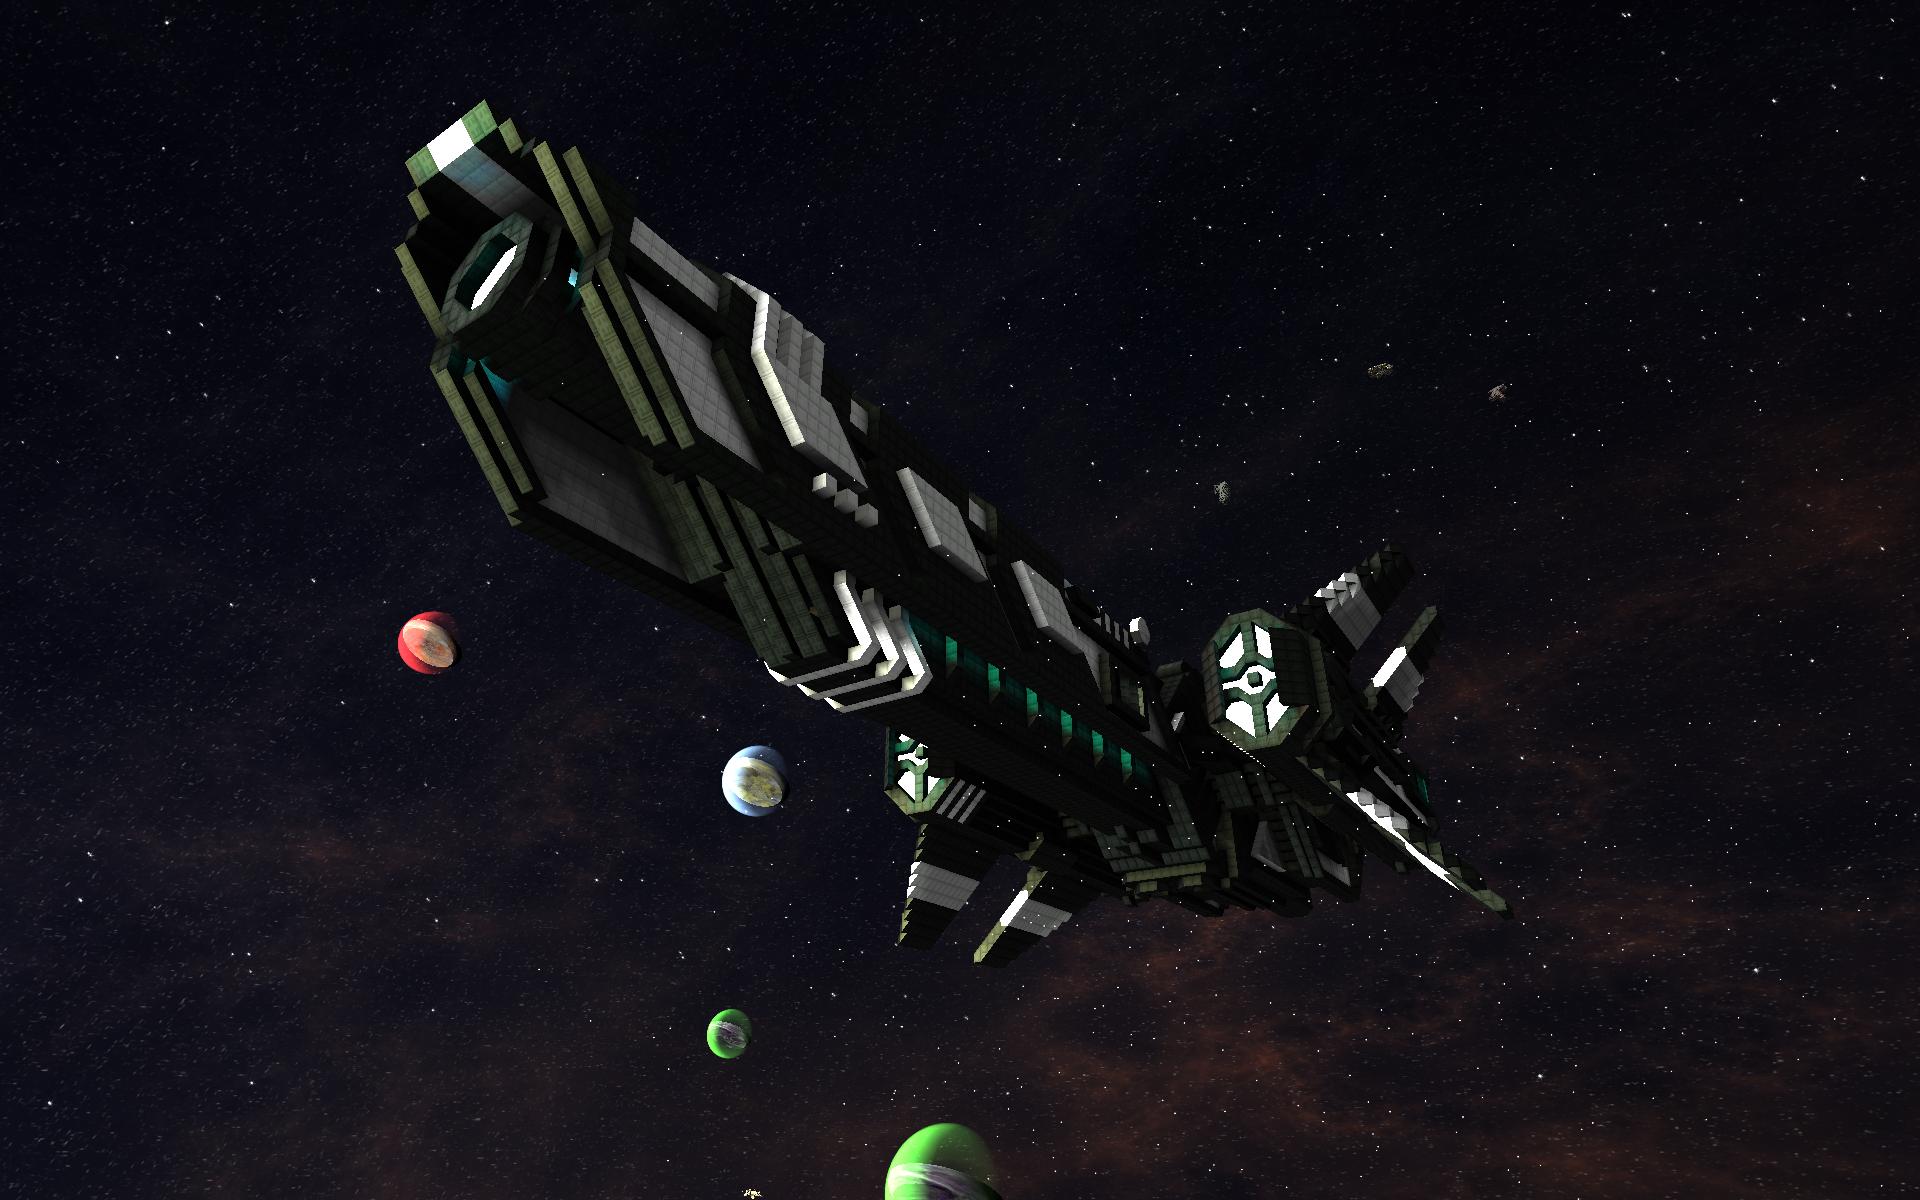 StarMade SFW Nova image